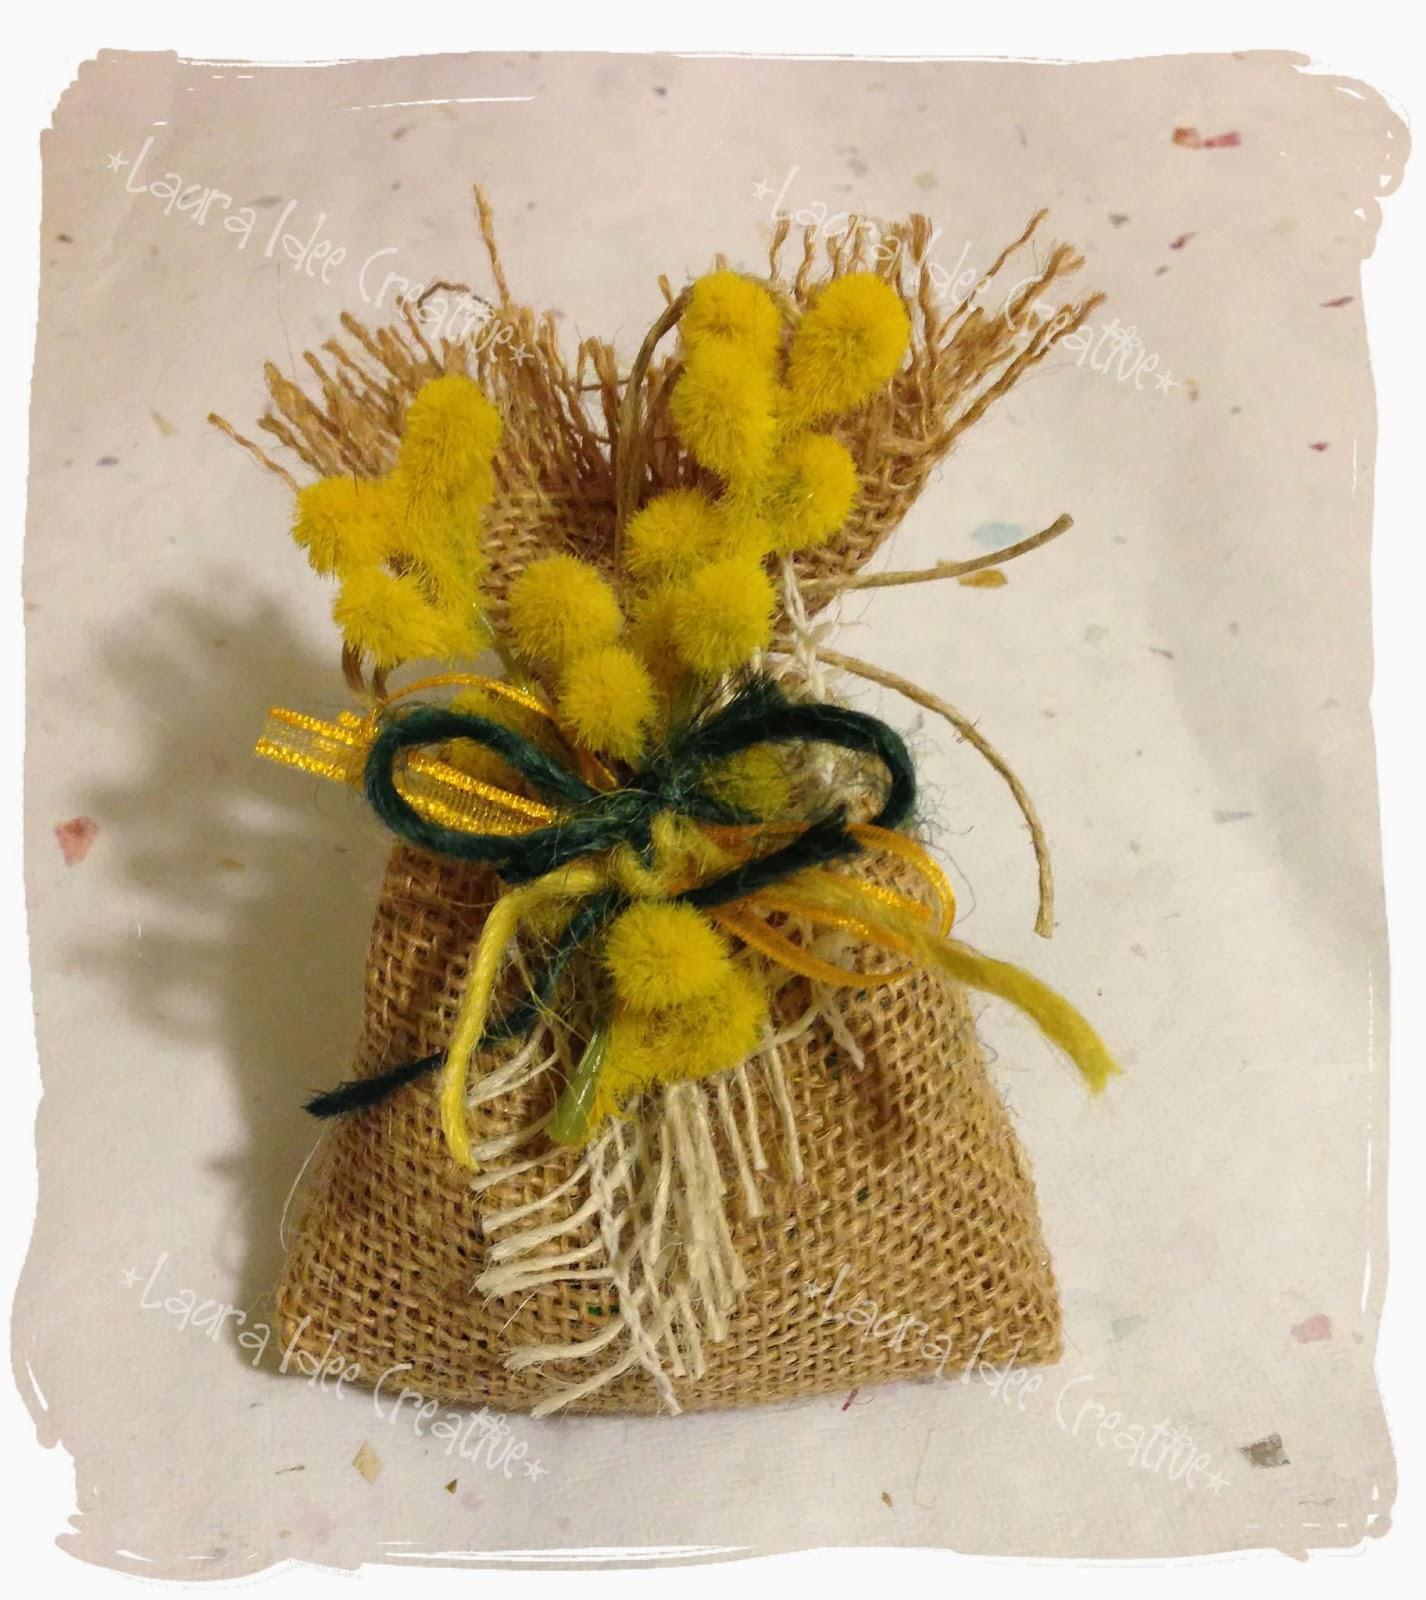 Laura idee creative festa della donna idee regalo for Oggetti regalo